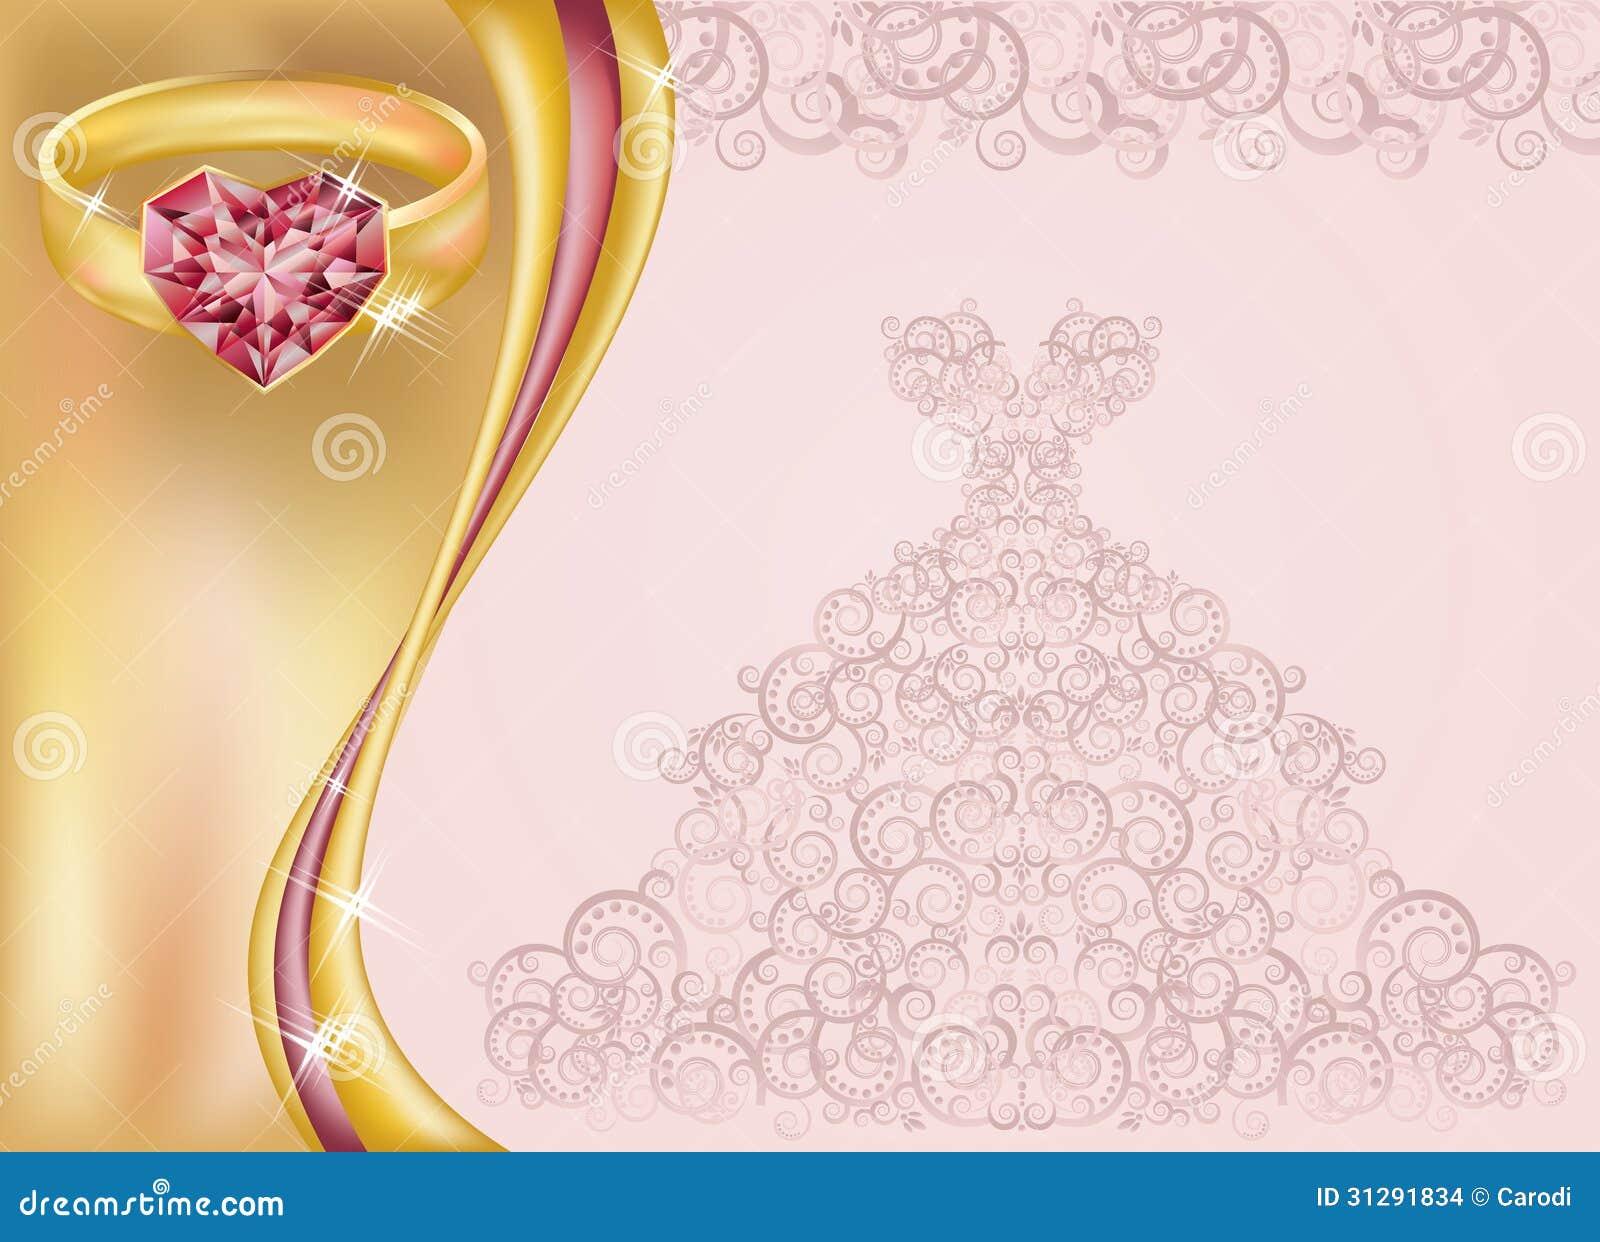 carte d 39 invitation de mariage avec la robe et le golde de jeune mari e illustration de vecteur. Black Bedroom Furniture Sets. Home Design Ideas